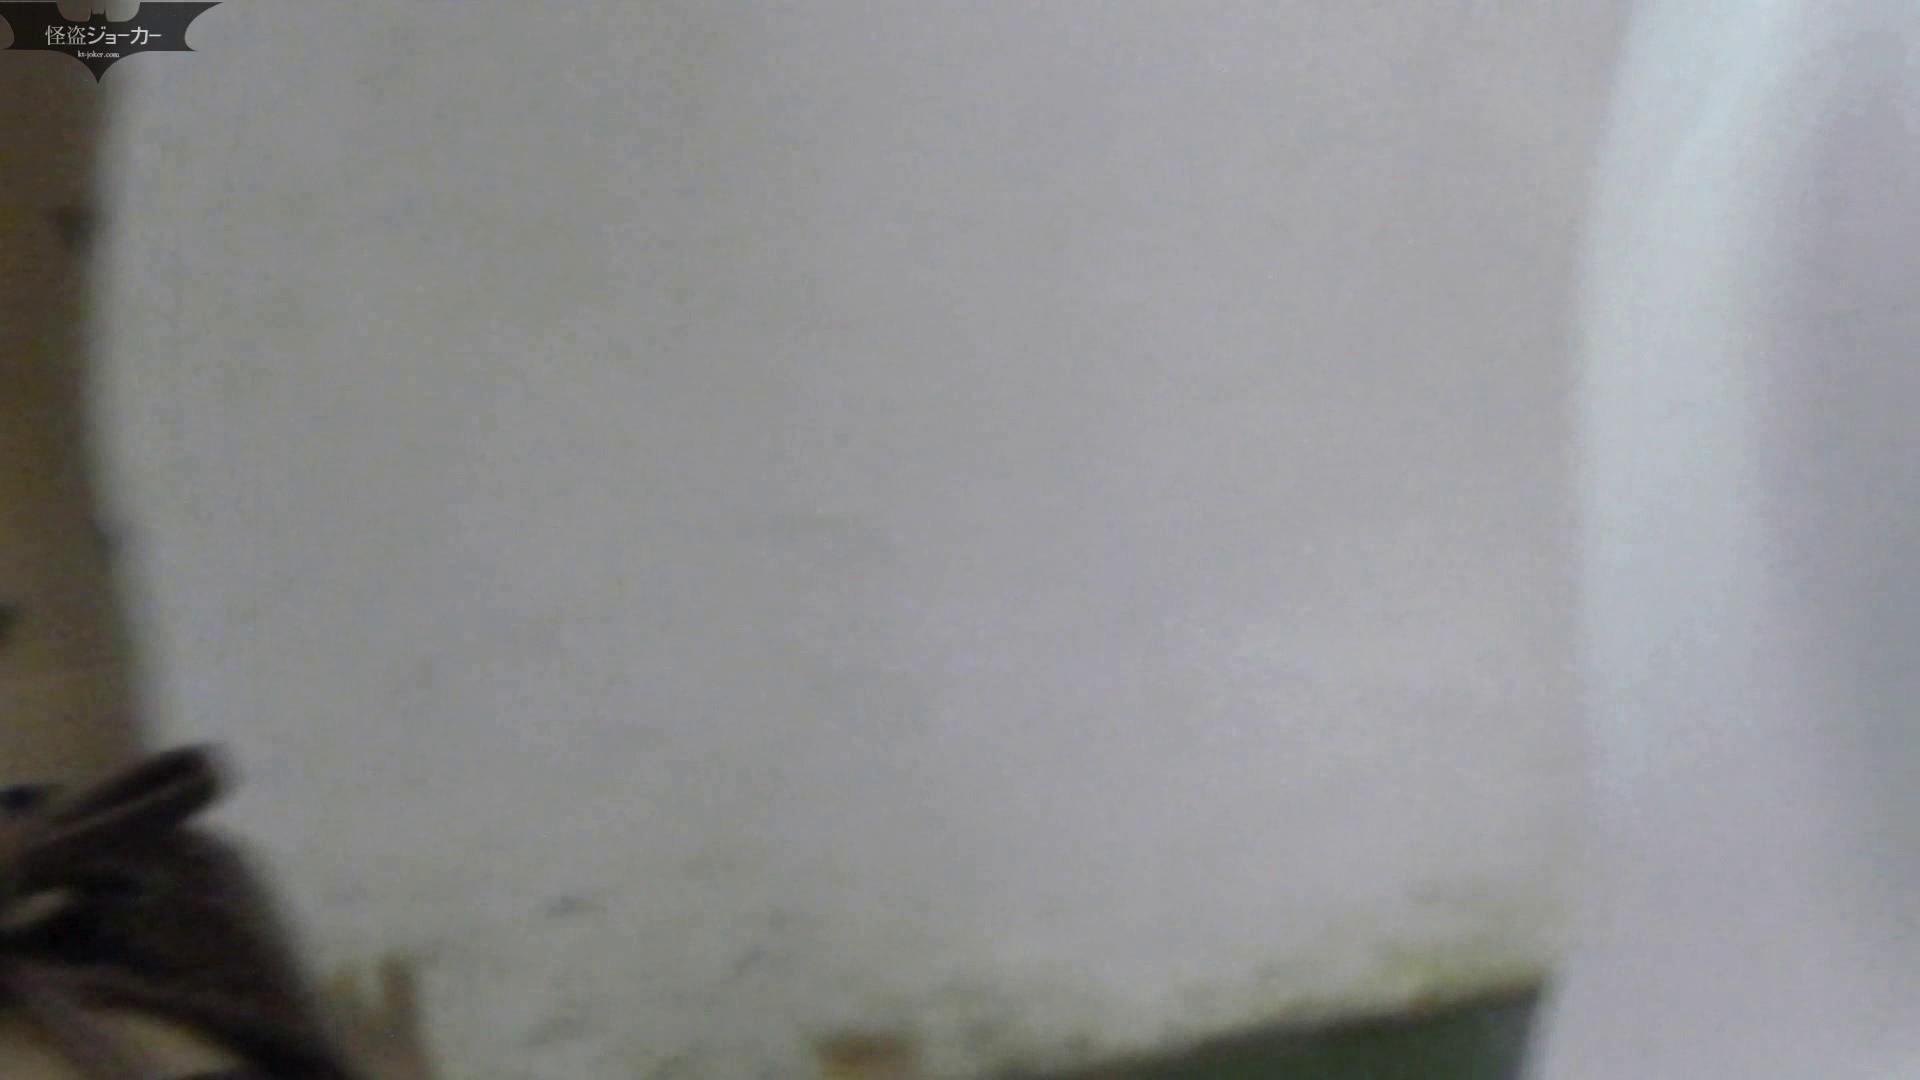 【美しき個室な世界】洗面所特攻隊 vol.051 ギャル達 おまんこ動画流出 100枚 9